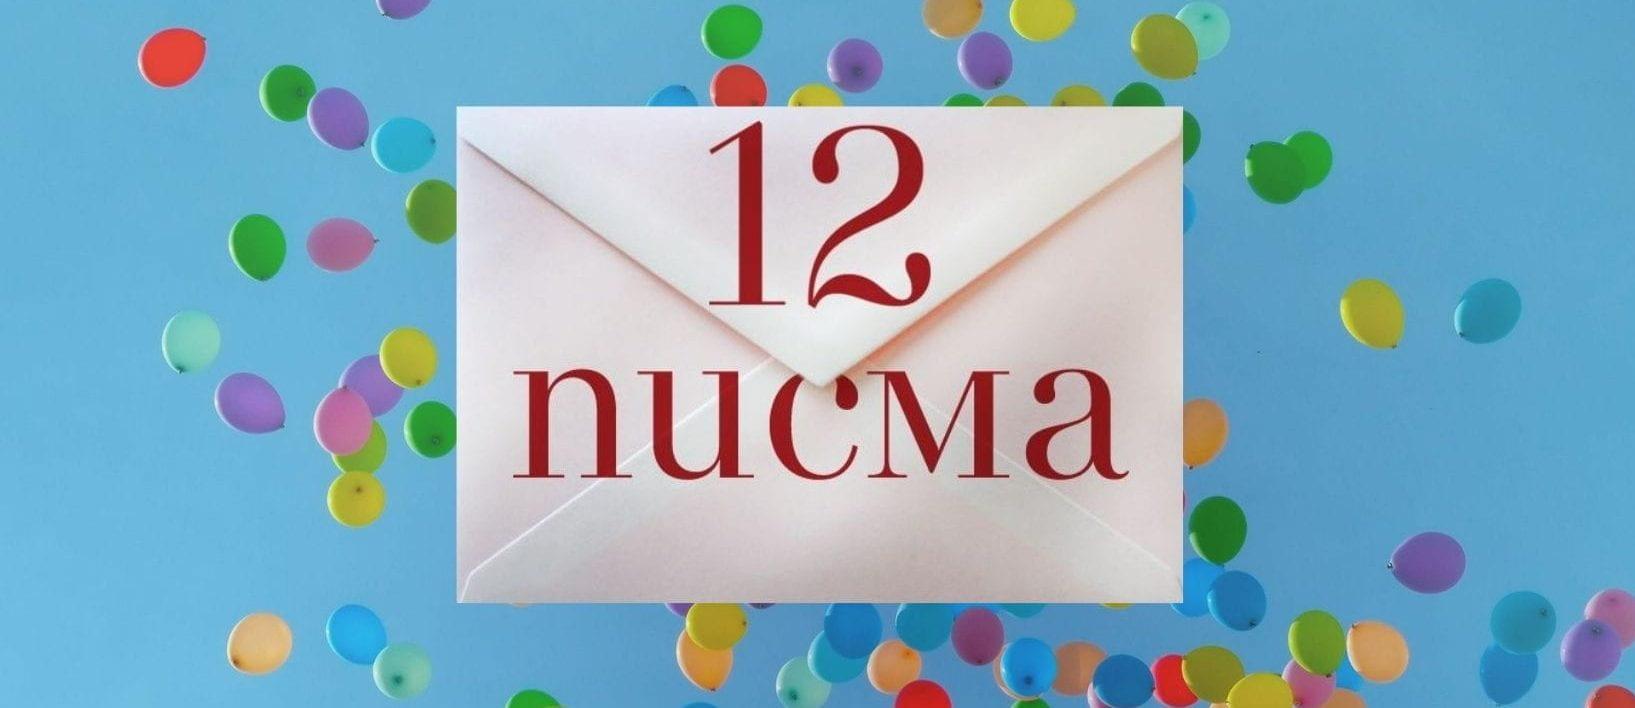 12 писма